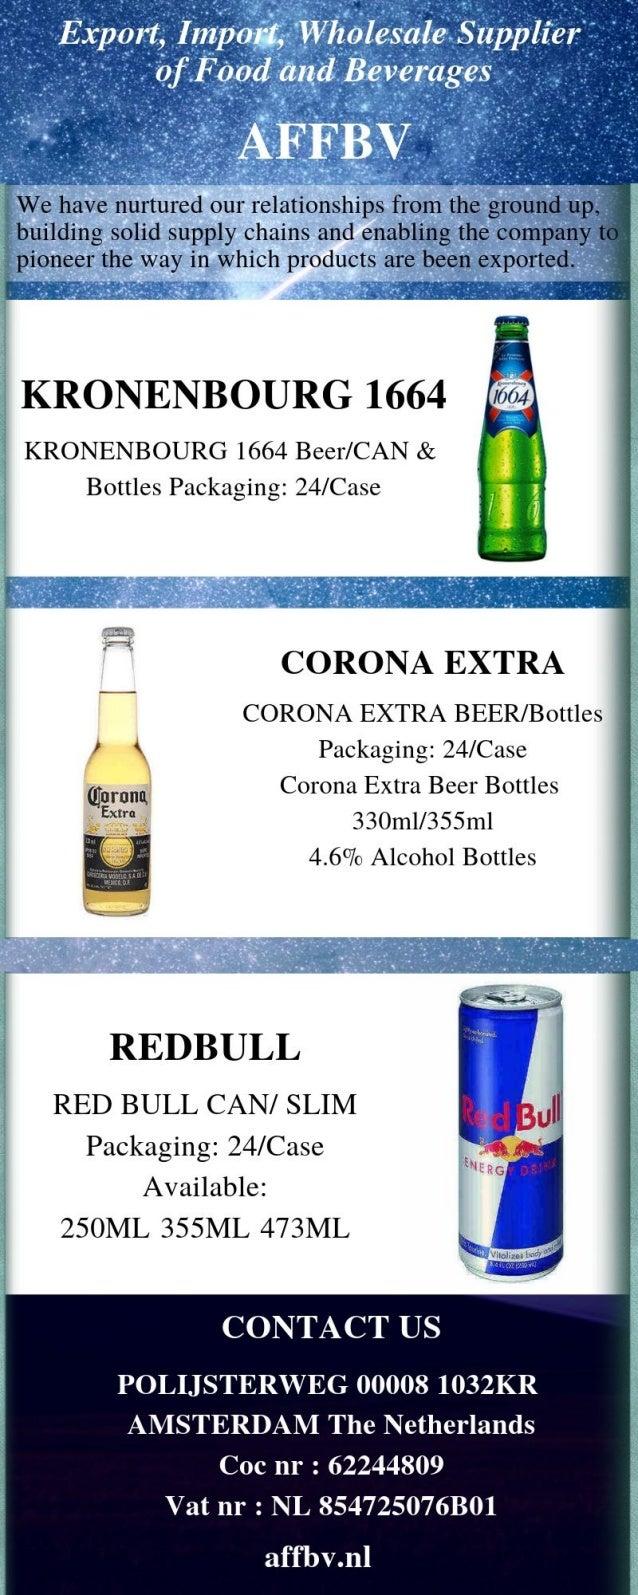 AFFBV - Wholesale Suppliers of Food & Beverages